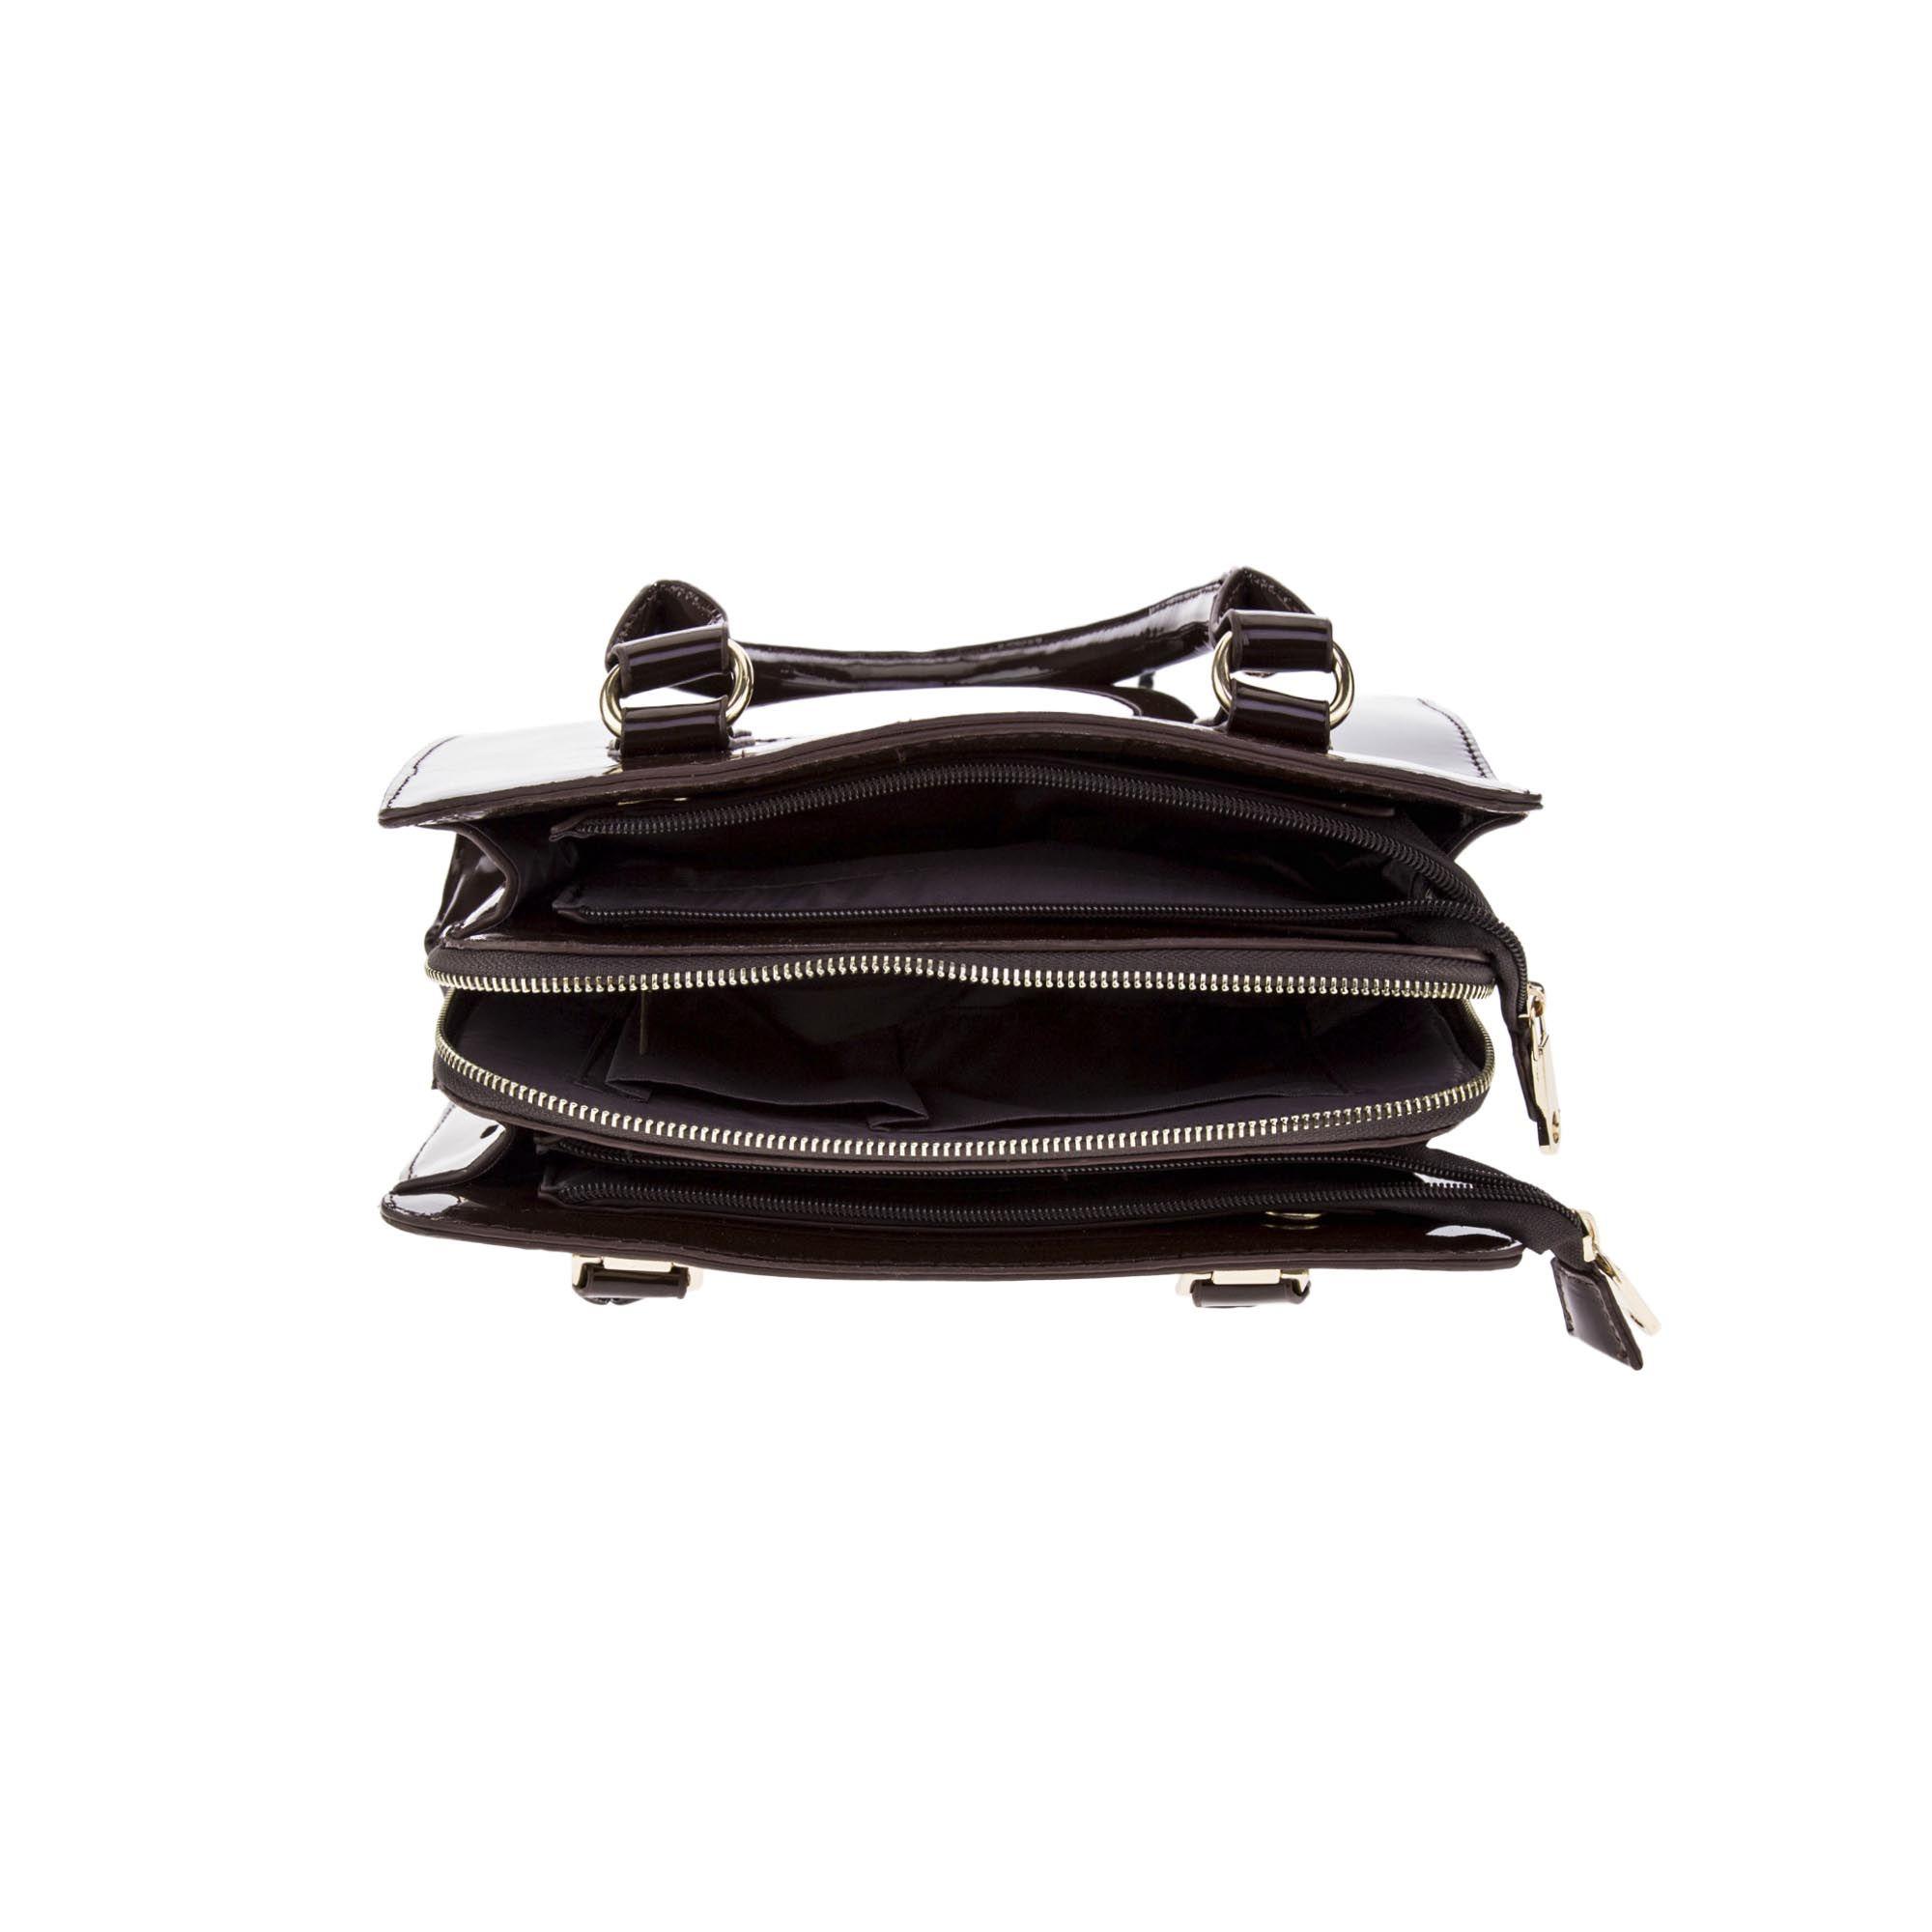 Bolsa de Ombro Verniz Marrom Escuro com Alça Removível  - Prime Bolsas